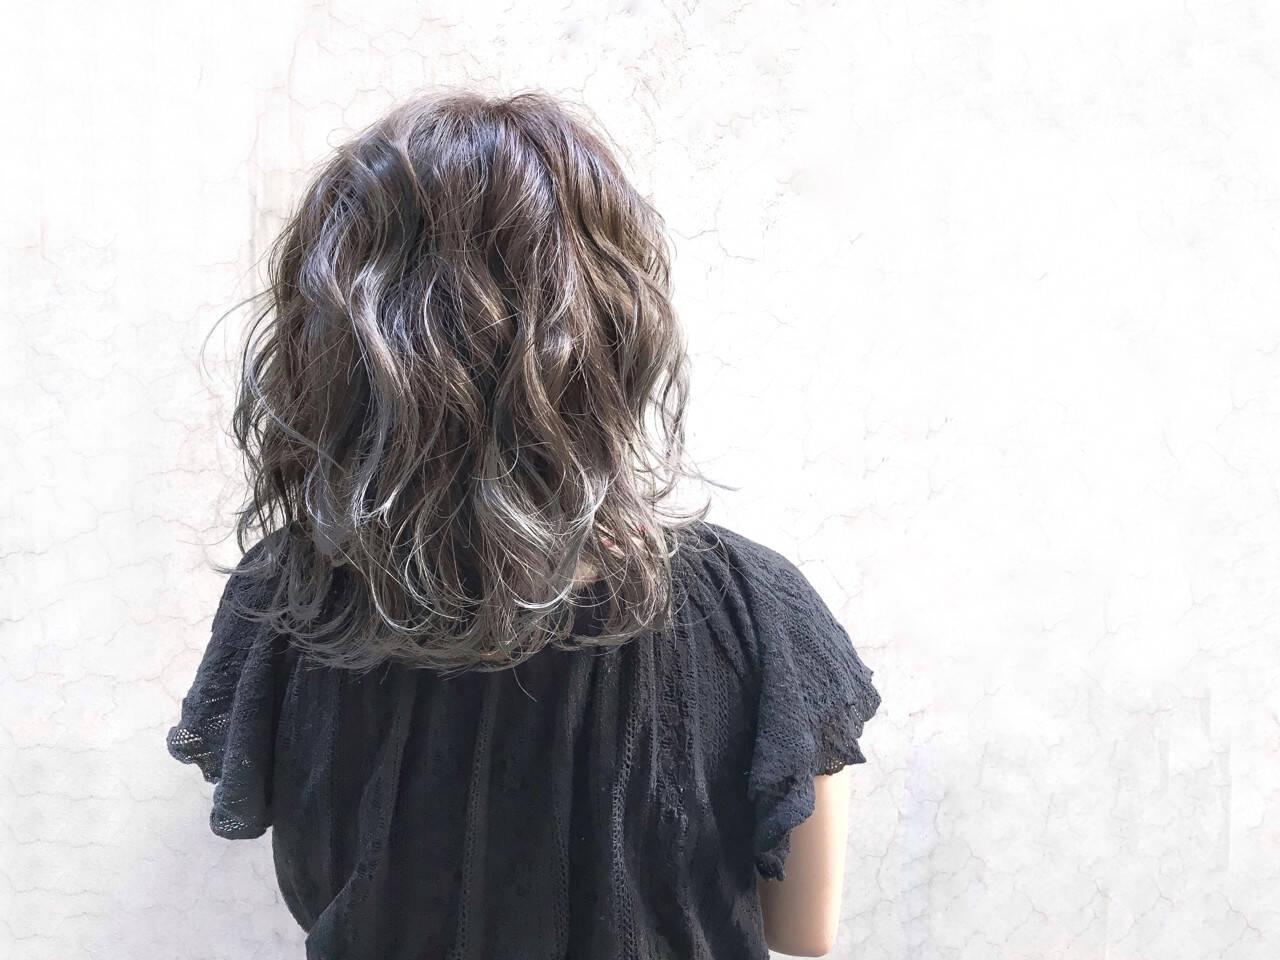 ミディアム アッシュ ベージュ ラベンダーヘアスタイルや髪型の写真・画像